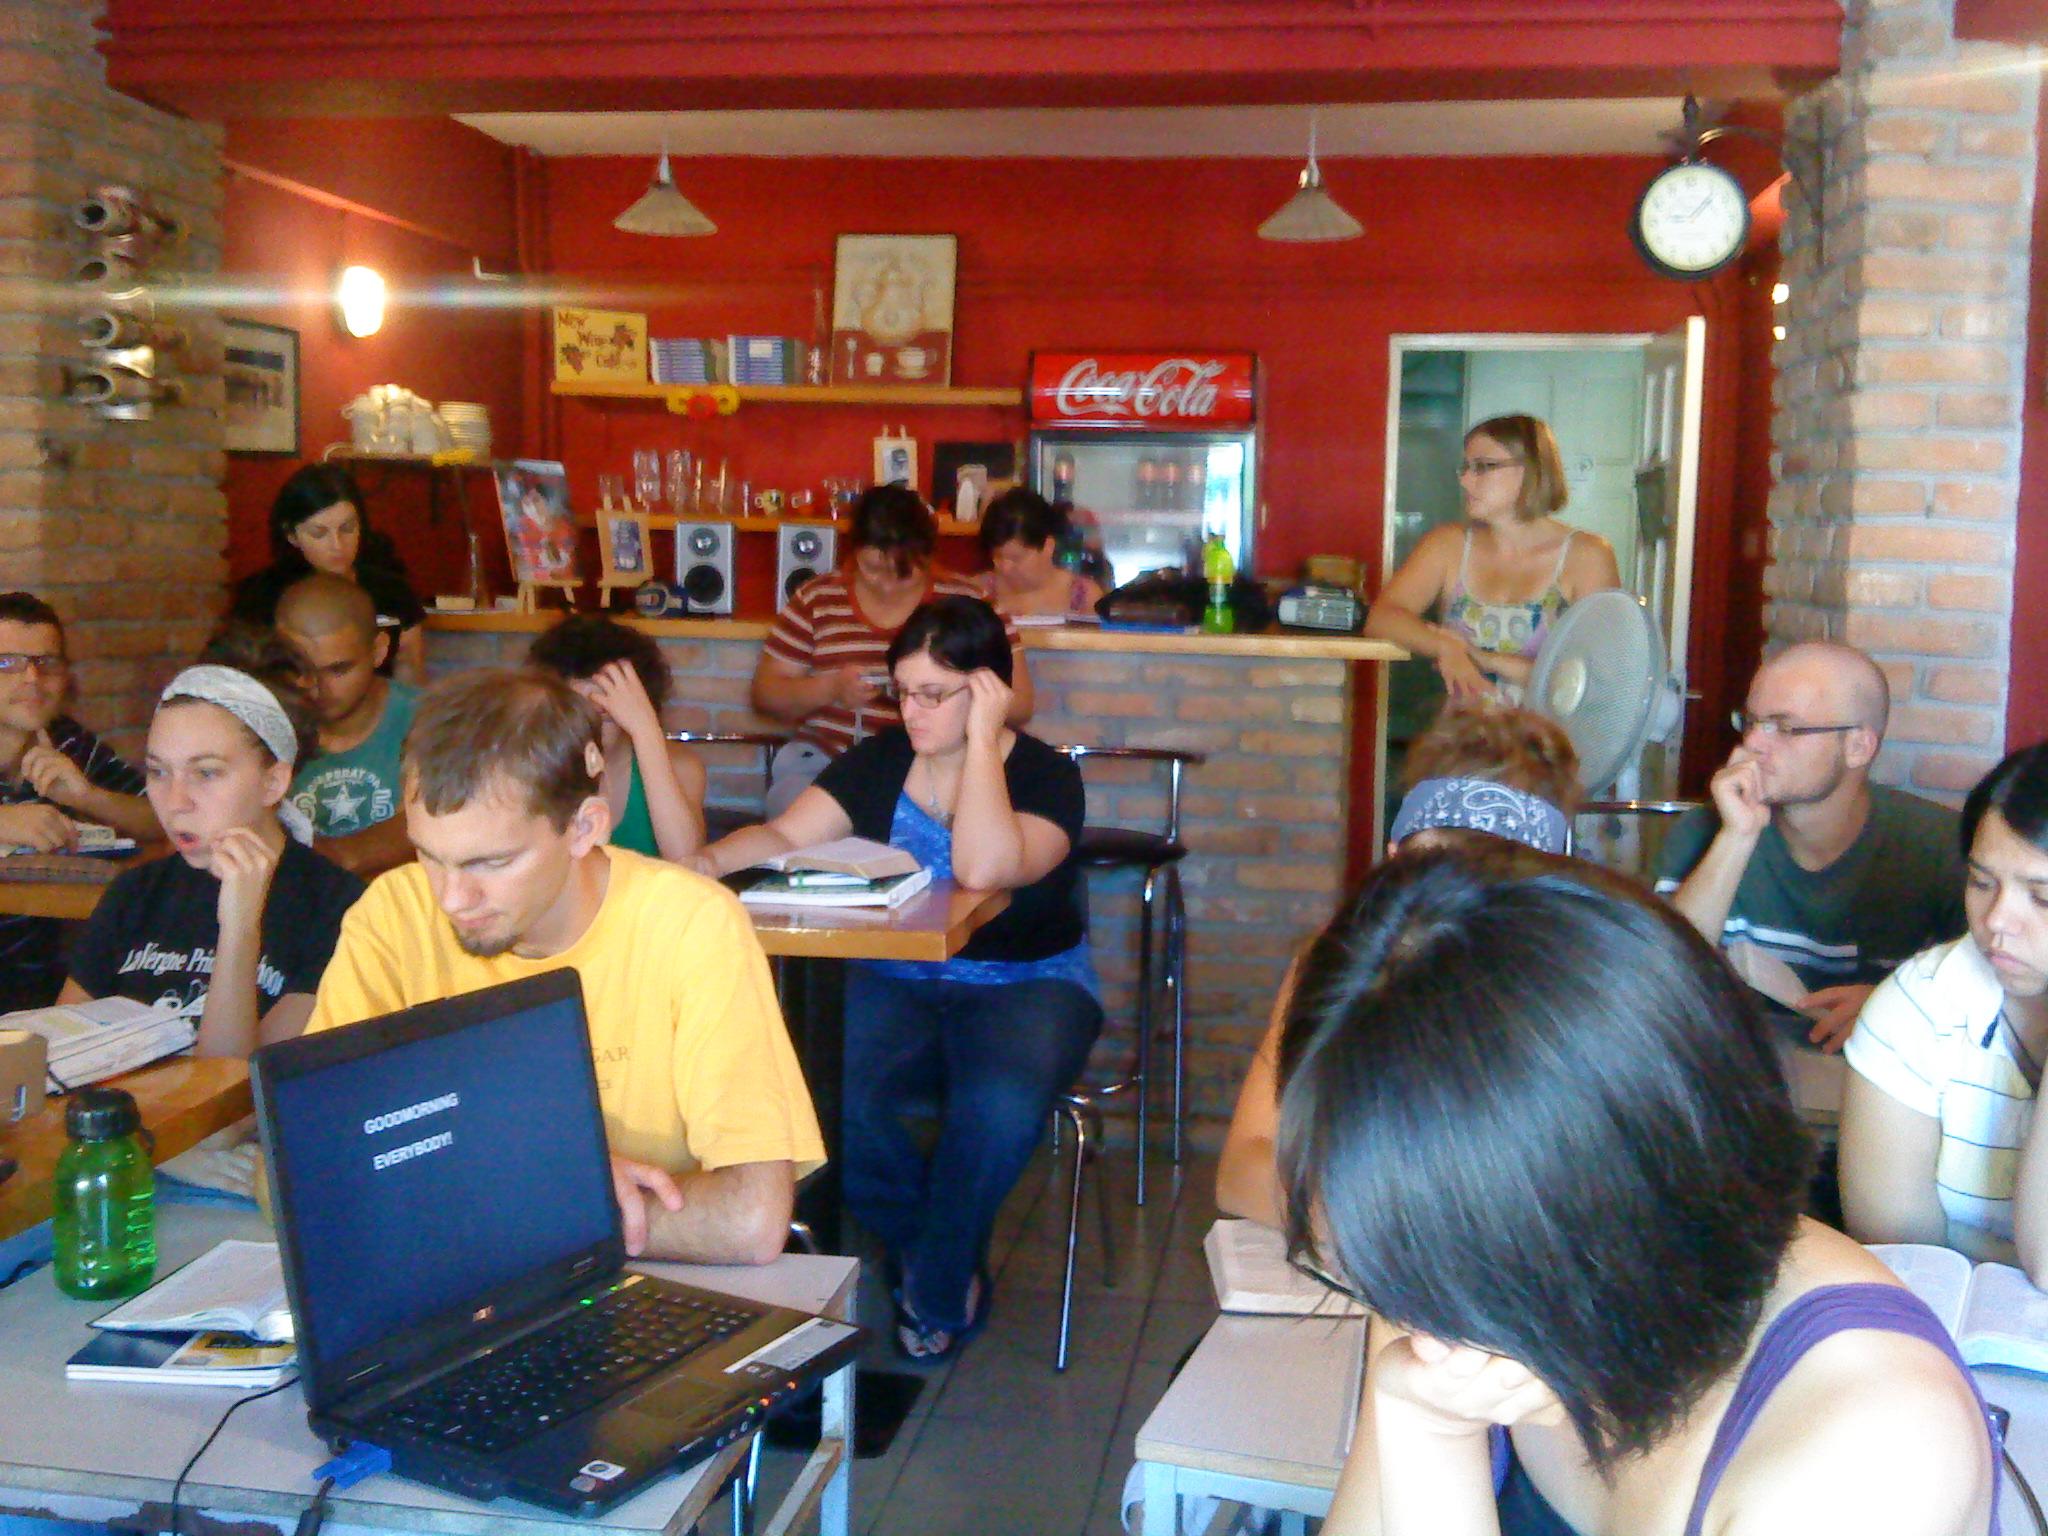 The YWAM Cafe in Constanza, Romania